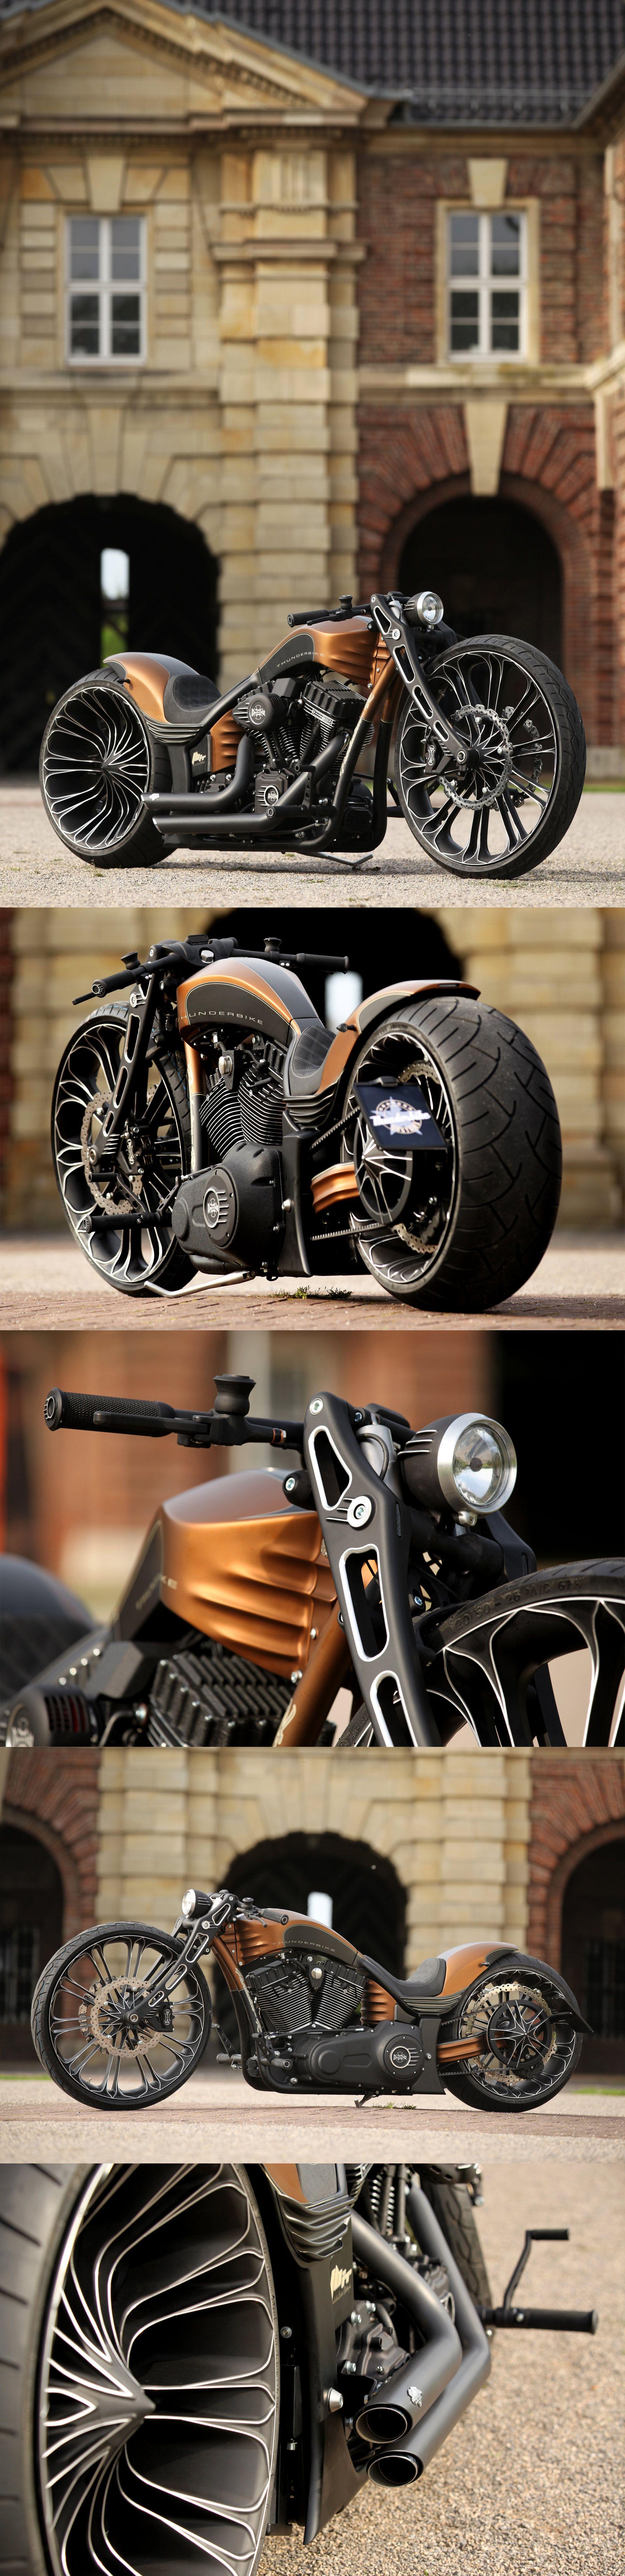 Customs | Motorräder, Autos und Motorräder und Schöne bilder